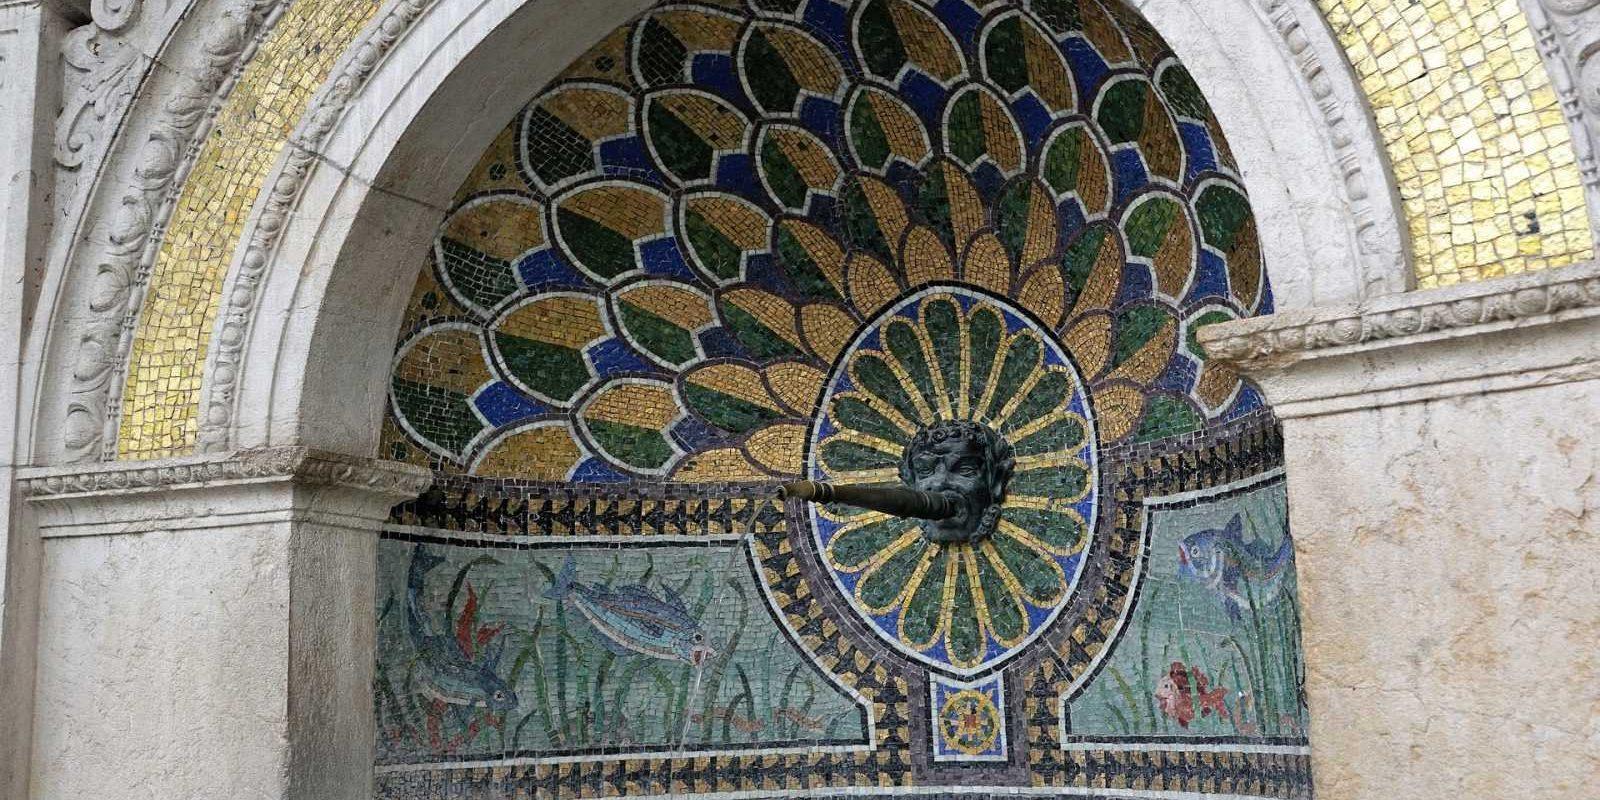 Mosaic Fountain, Zurich, Switzerland